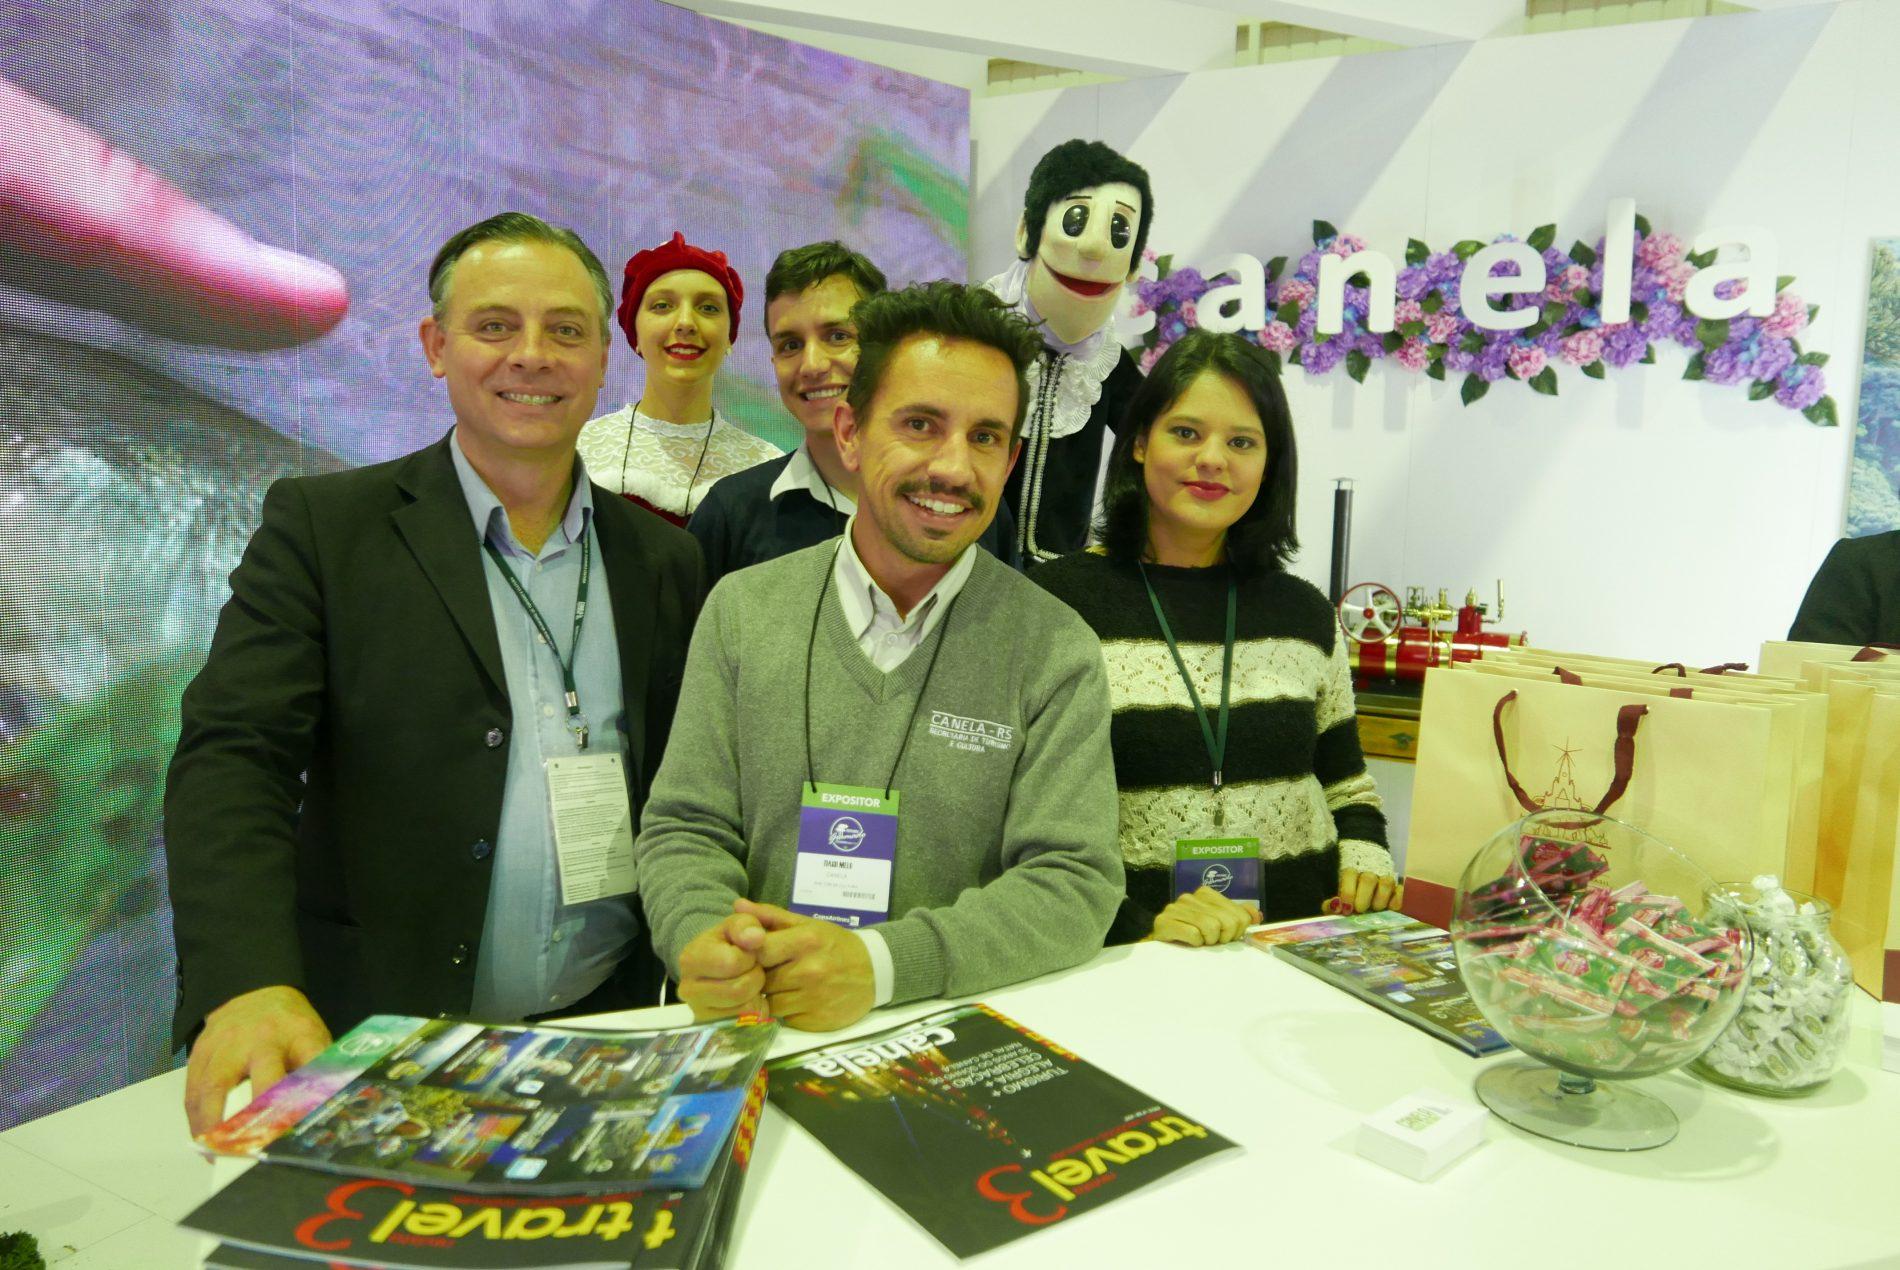 Ângelo Sanches, secretário de Turismo de Canela e sua equipe, no estande de Canela (Fotos: Claudia Tonaco)